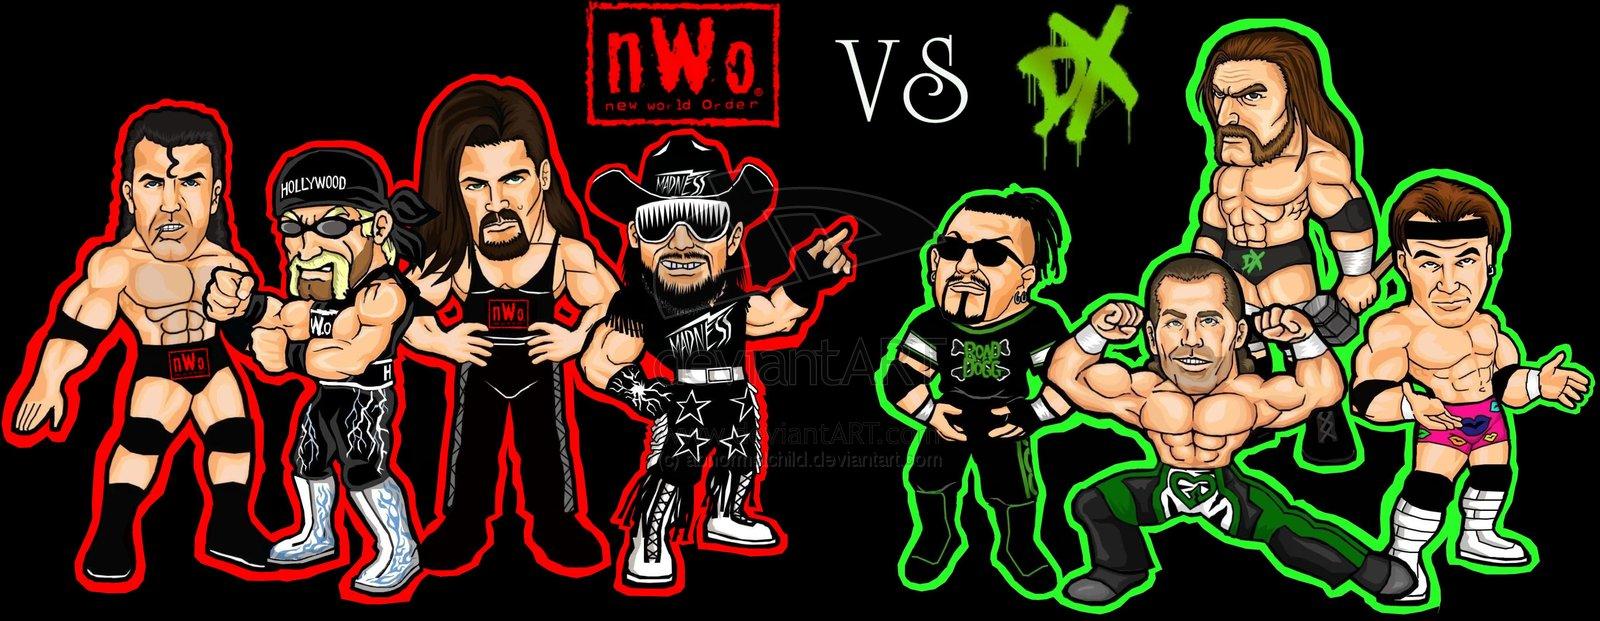 Nwo Wallpaper Survivor series dream match by 1600x621